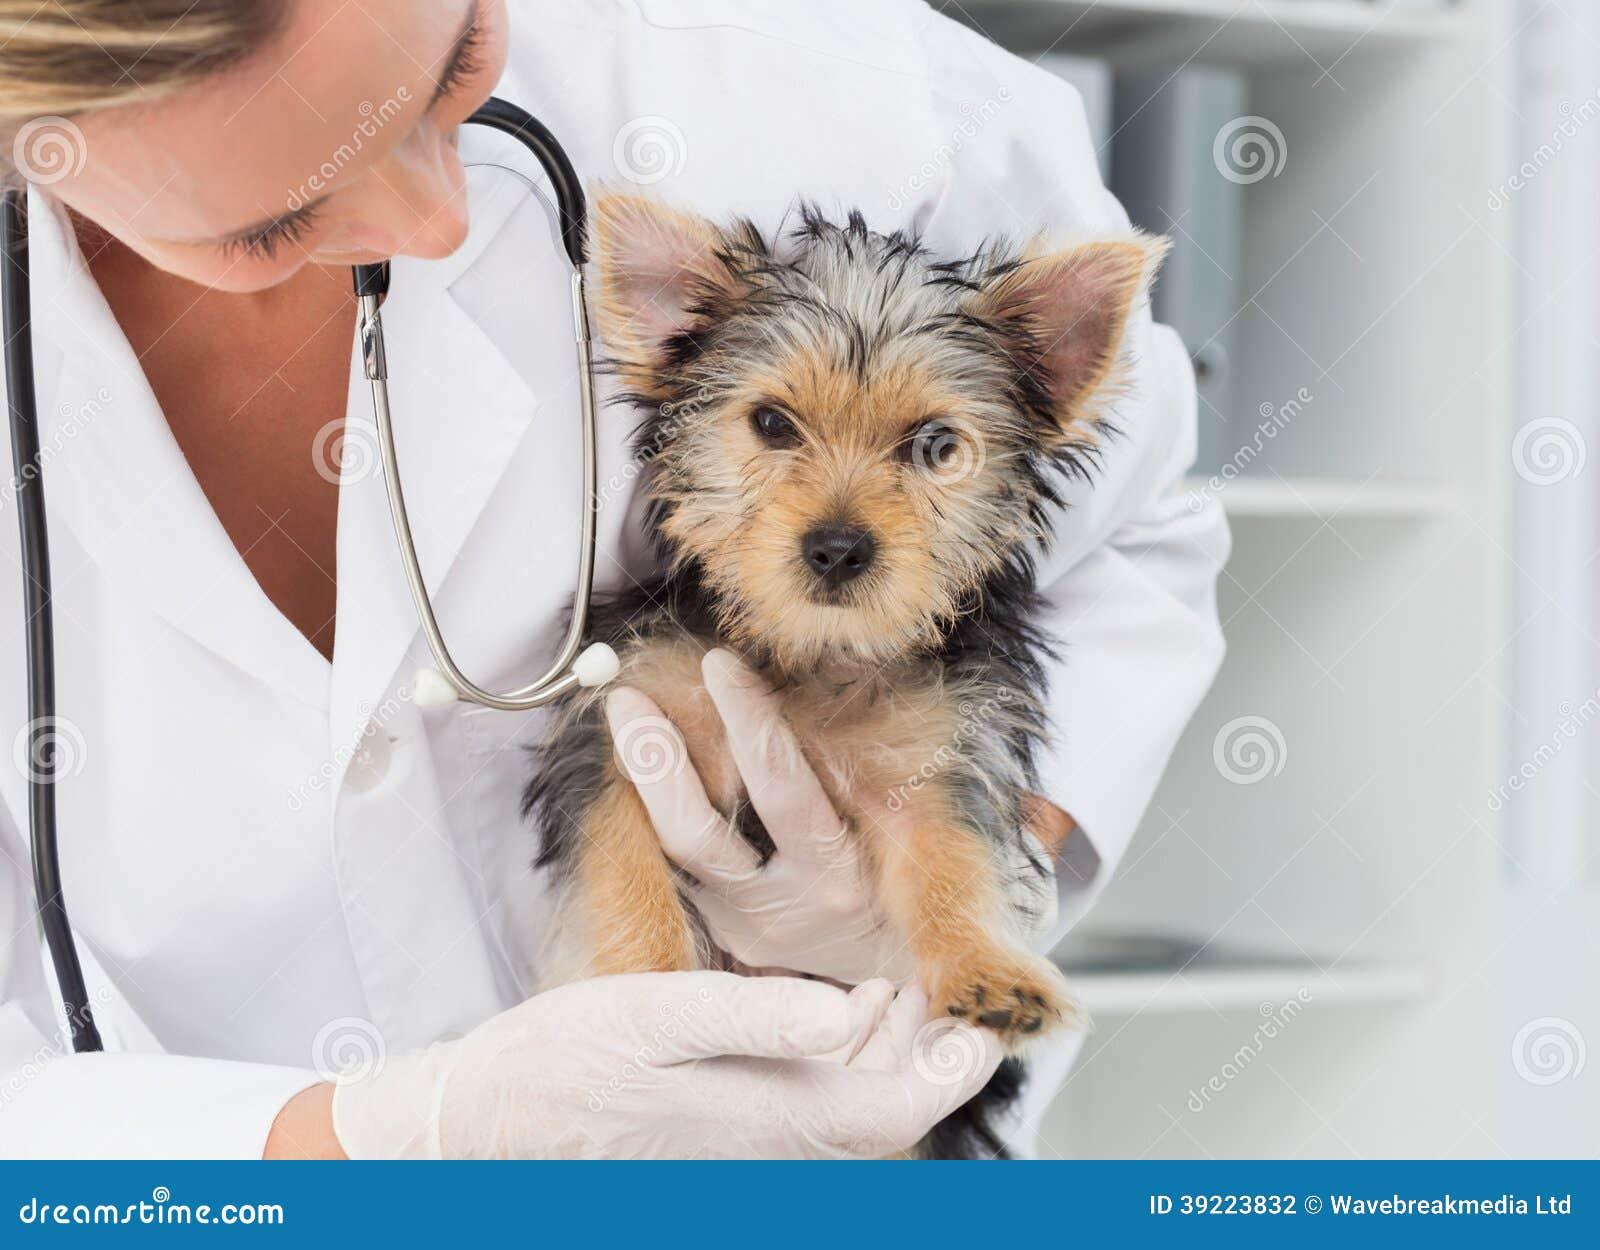 Vétérinaire tenant le chiot mignon